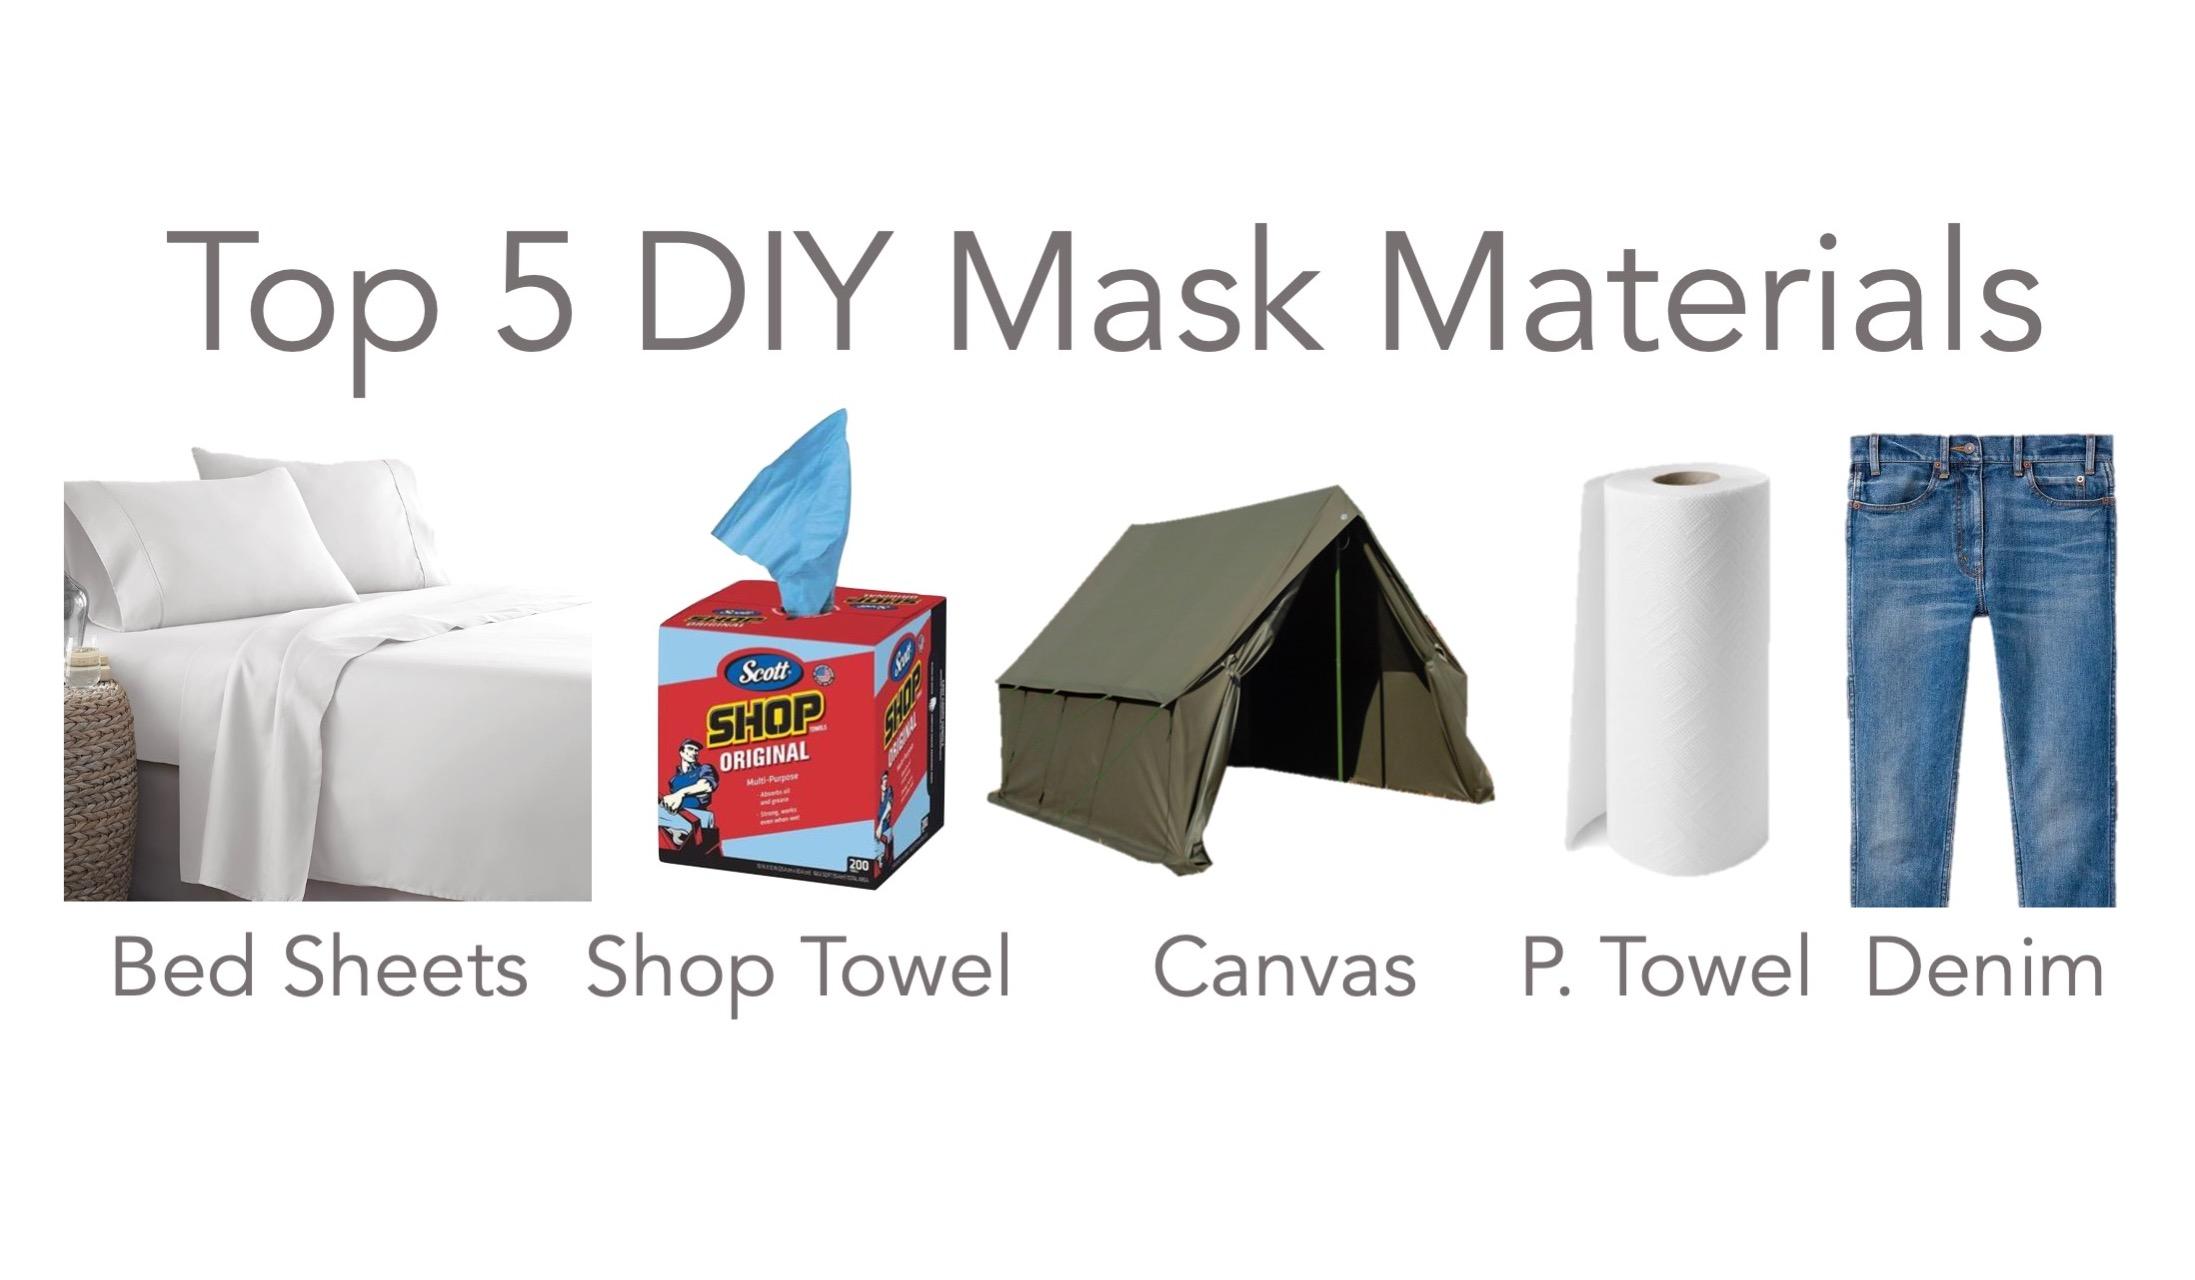 Top 5 DIY Mask Materials